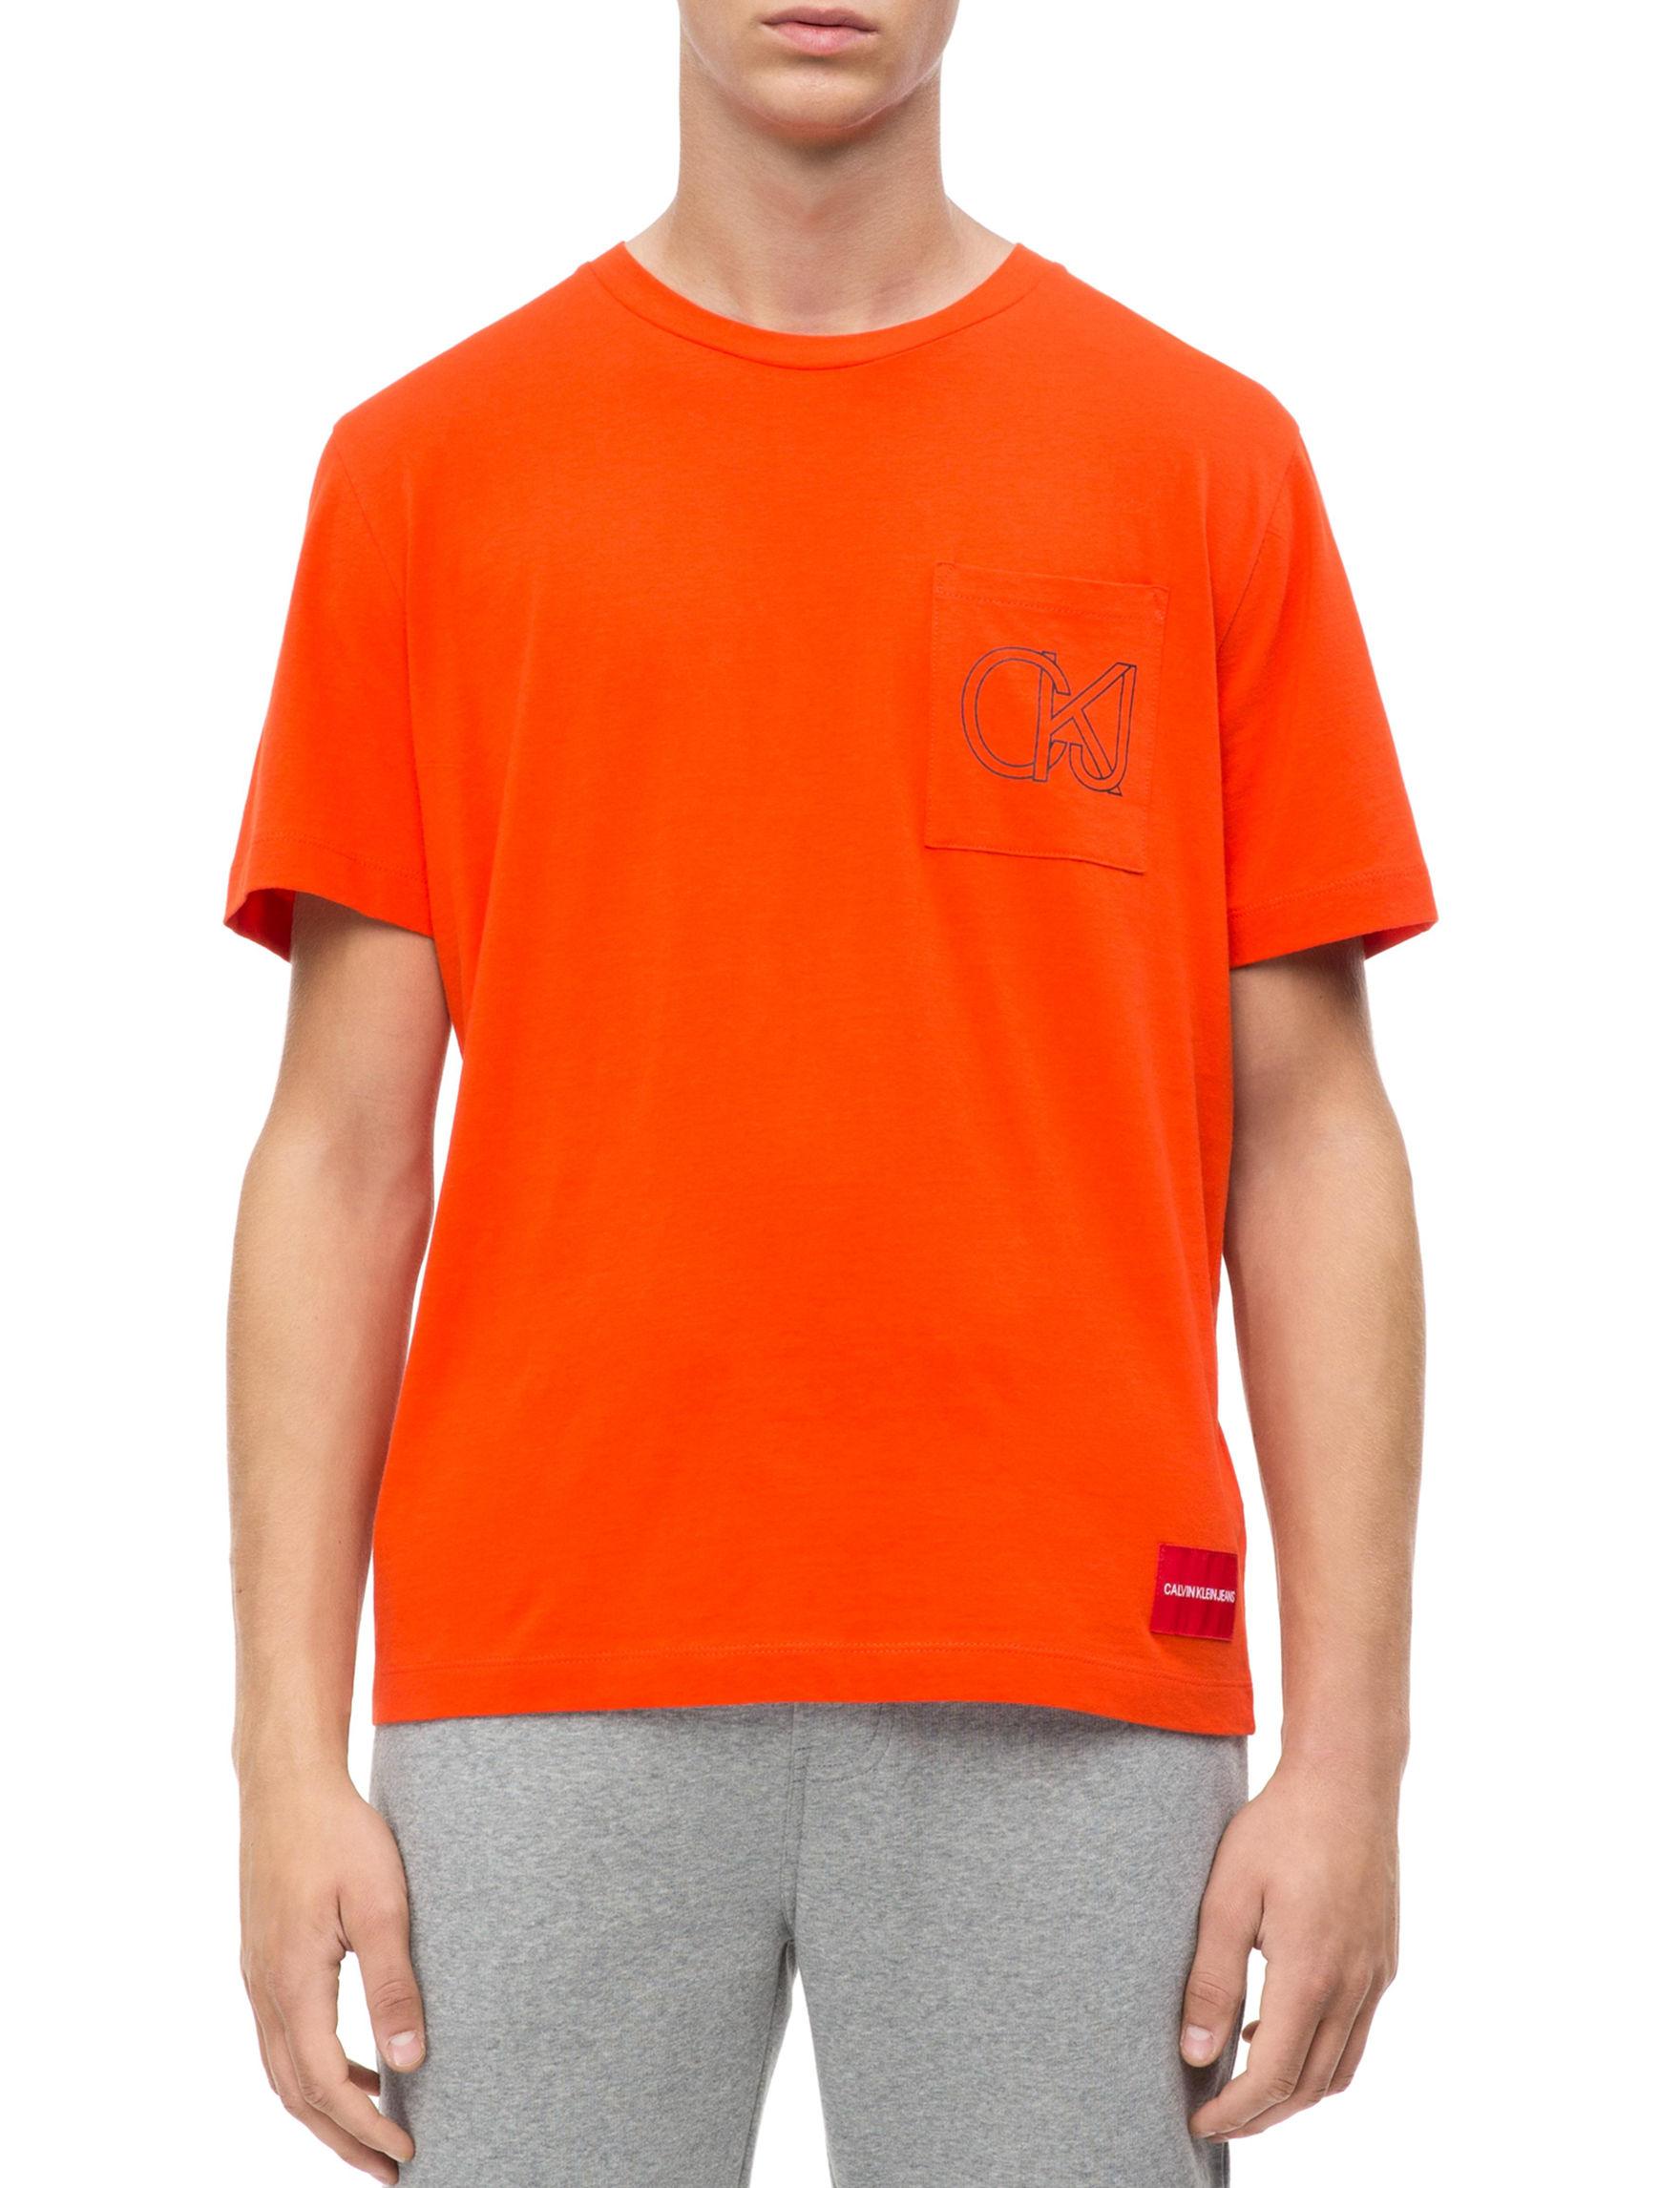 Calvin Klein Neon Orange Tees & Tanks